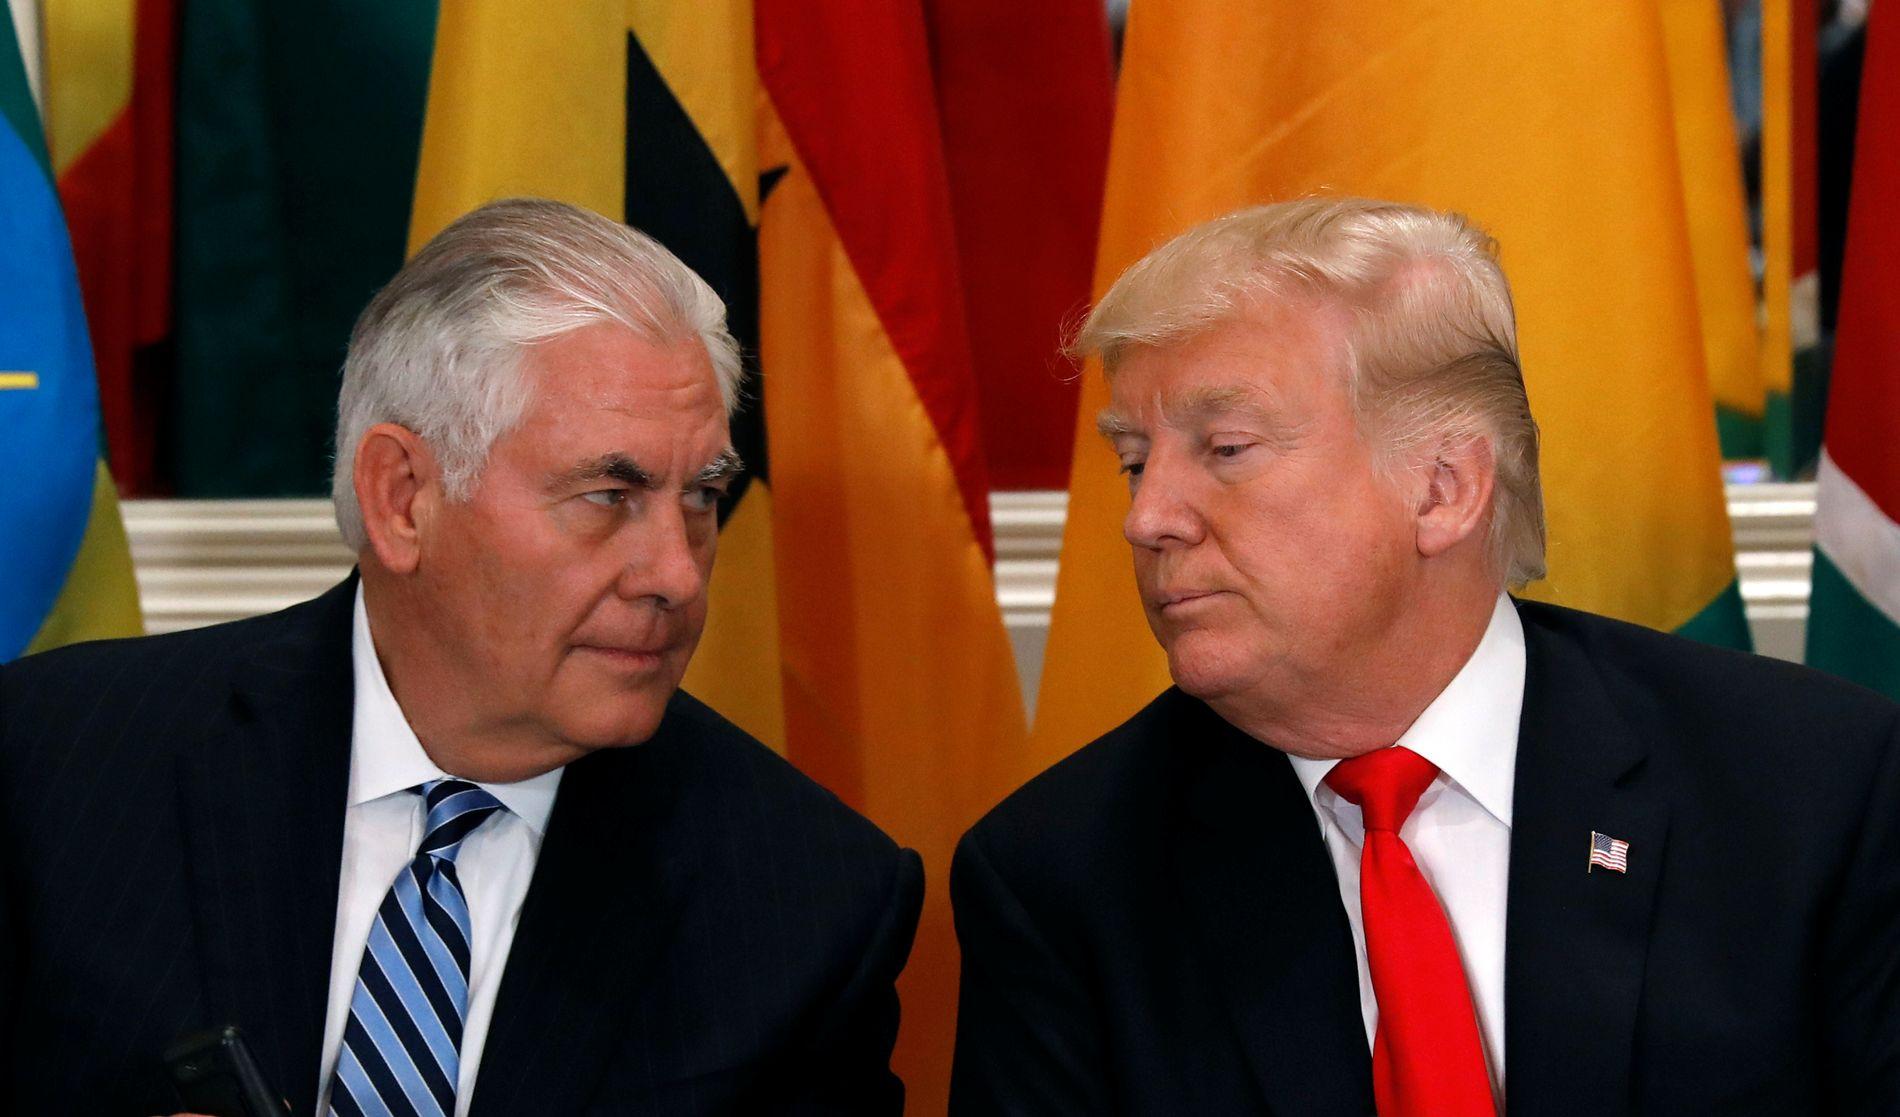 BEDRE VENNER NÅ? Tillerson skal ha vært svært misfornøyd med presidenten i sommer, og truet med å trekke seg som utenriksminister. Her fra et møte i FN den 20. september i år.